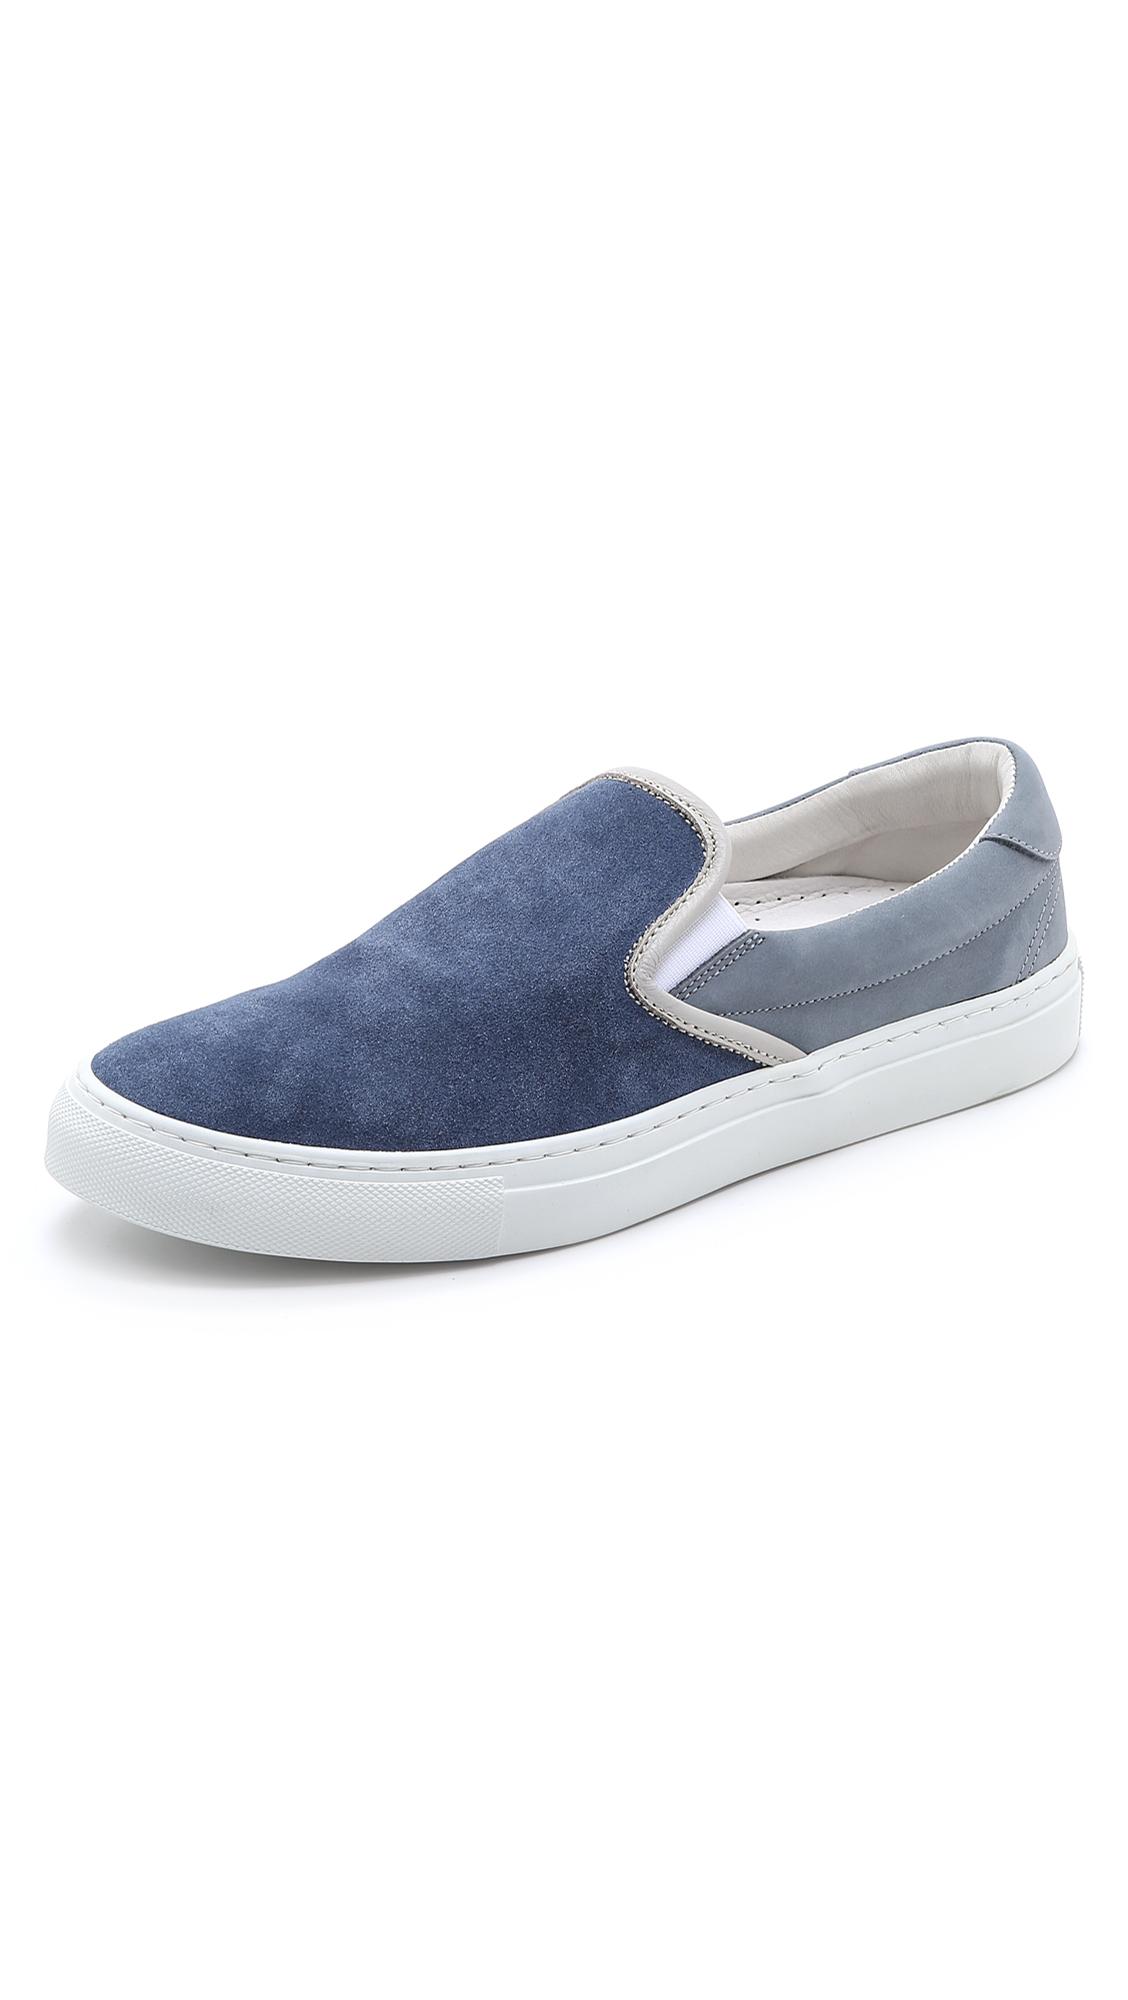 Diemme GARDA Loafer blau E9yZxG5W